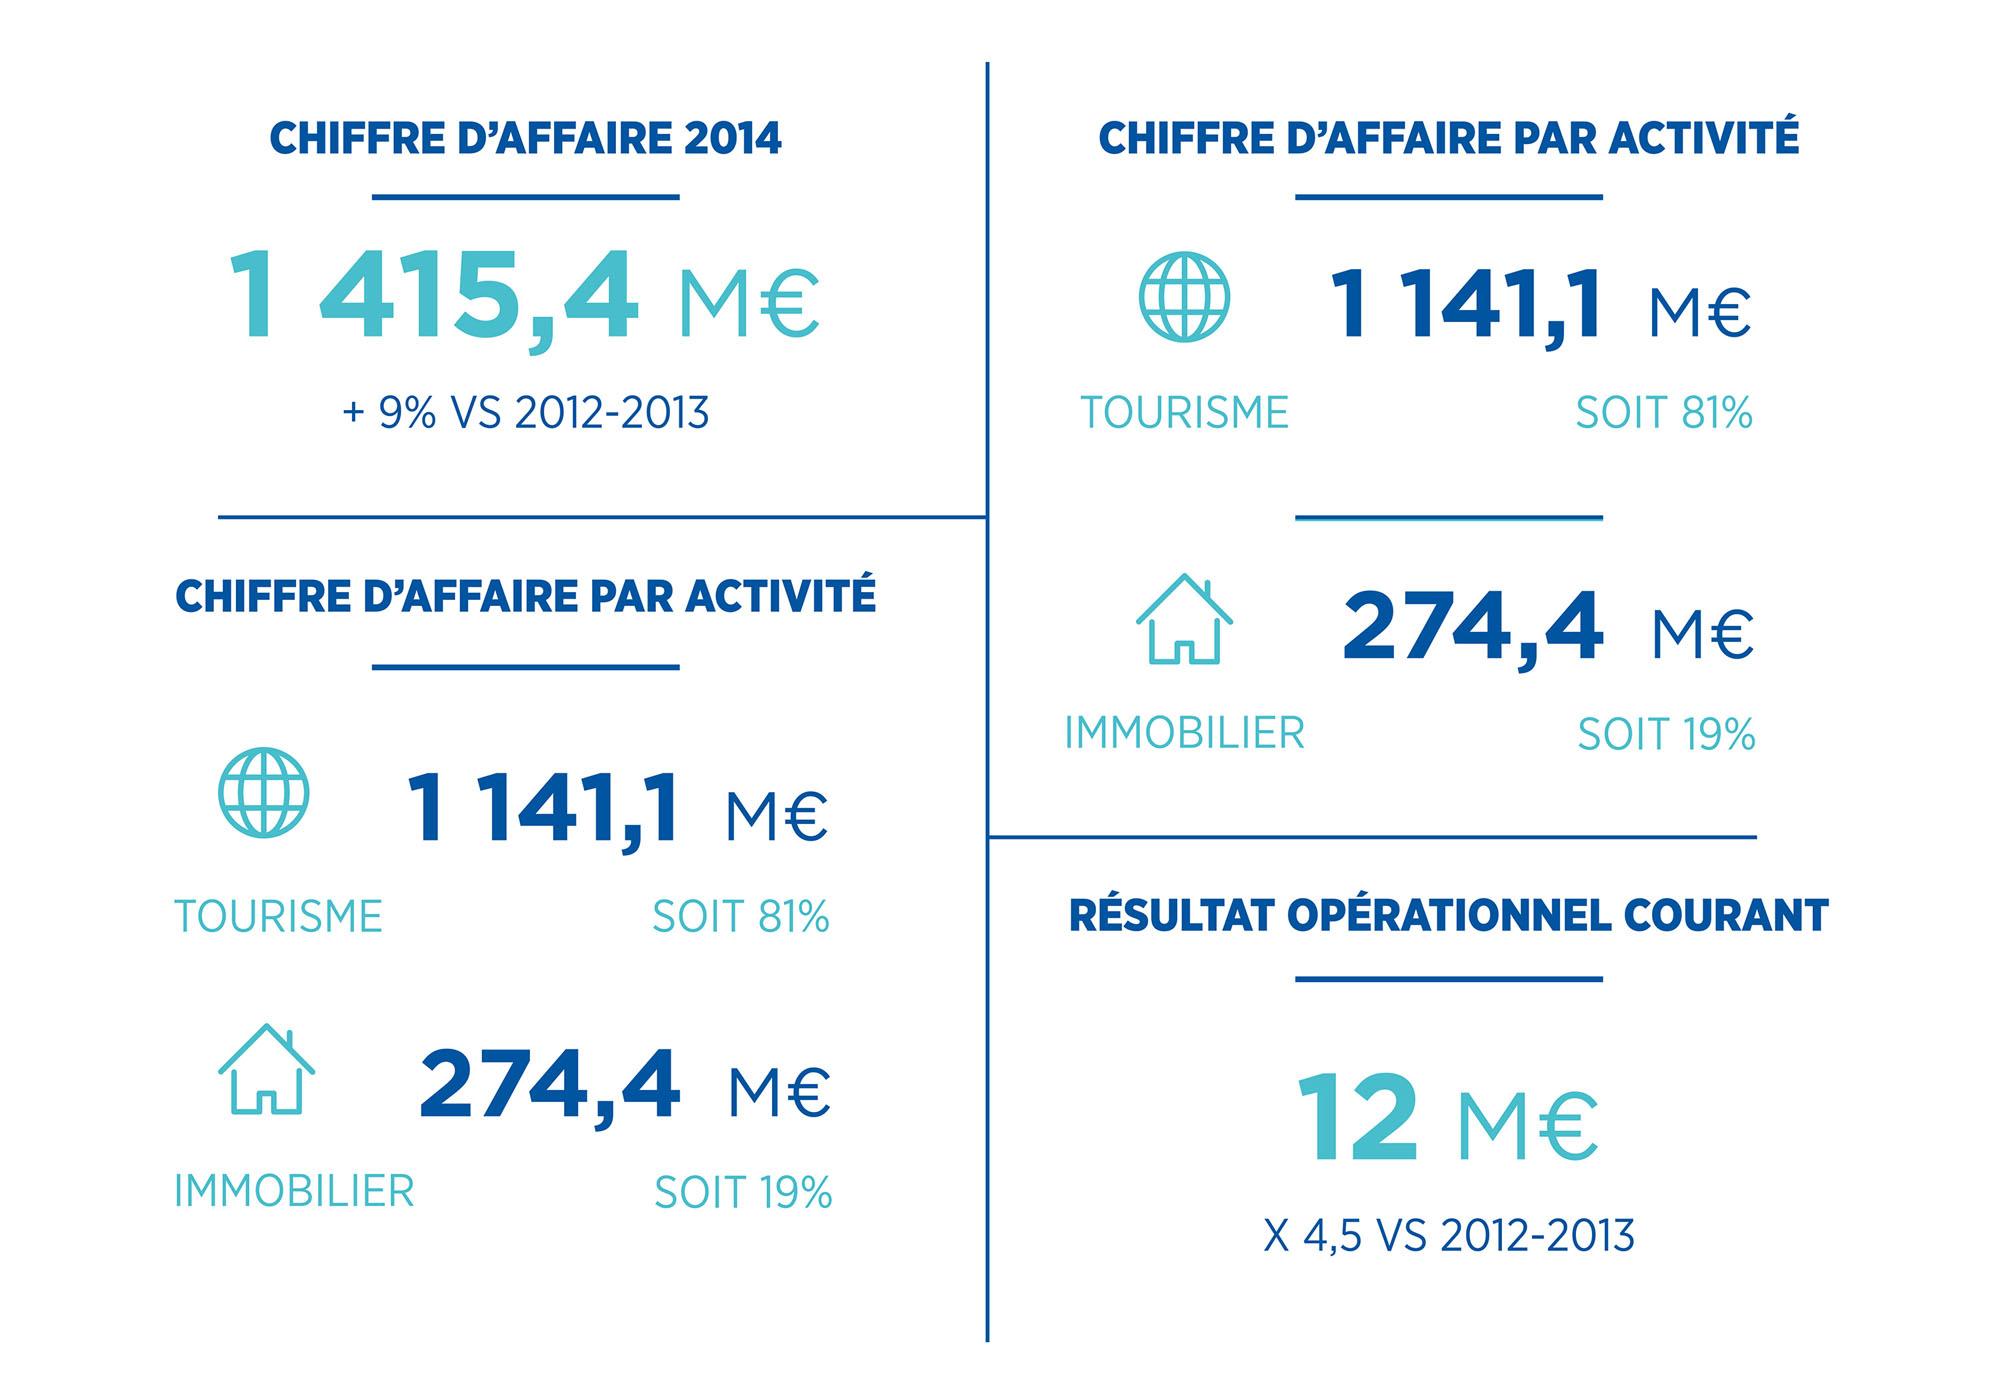 Pierre et Vacances - rapport annuel - chiffres